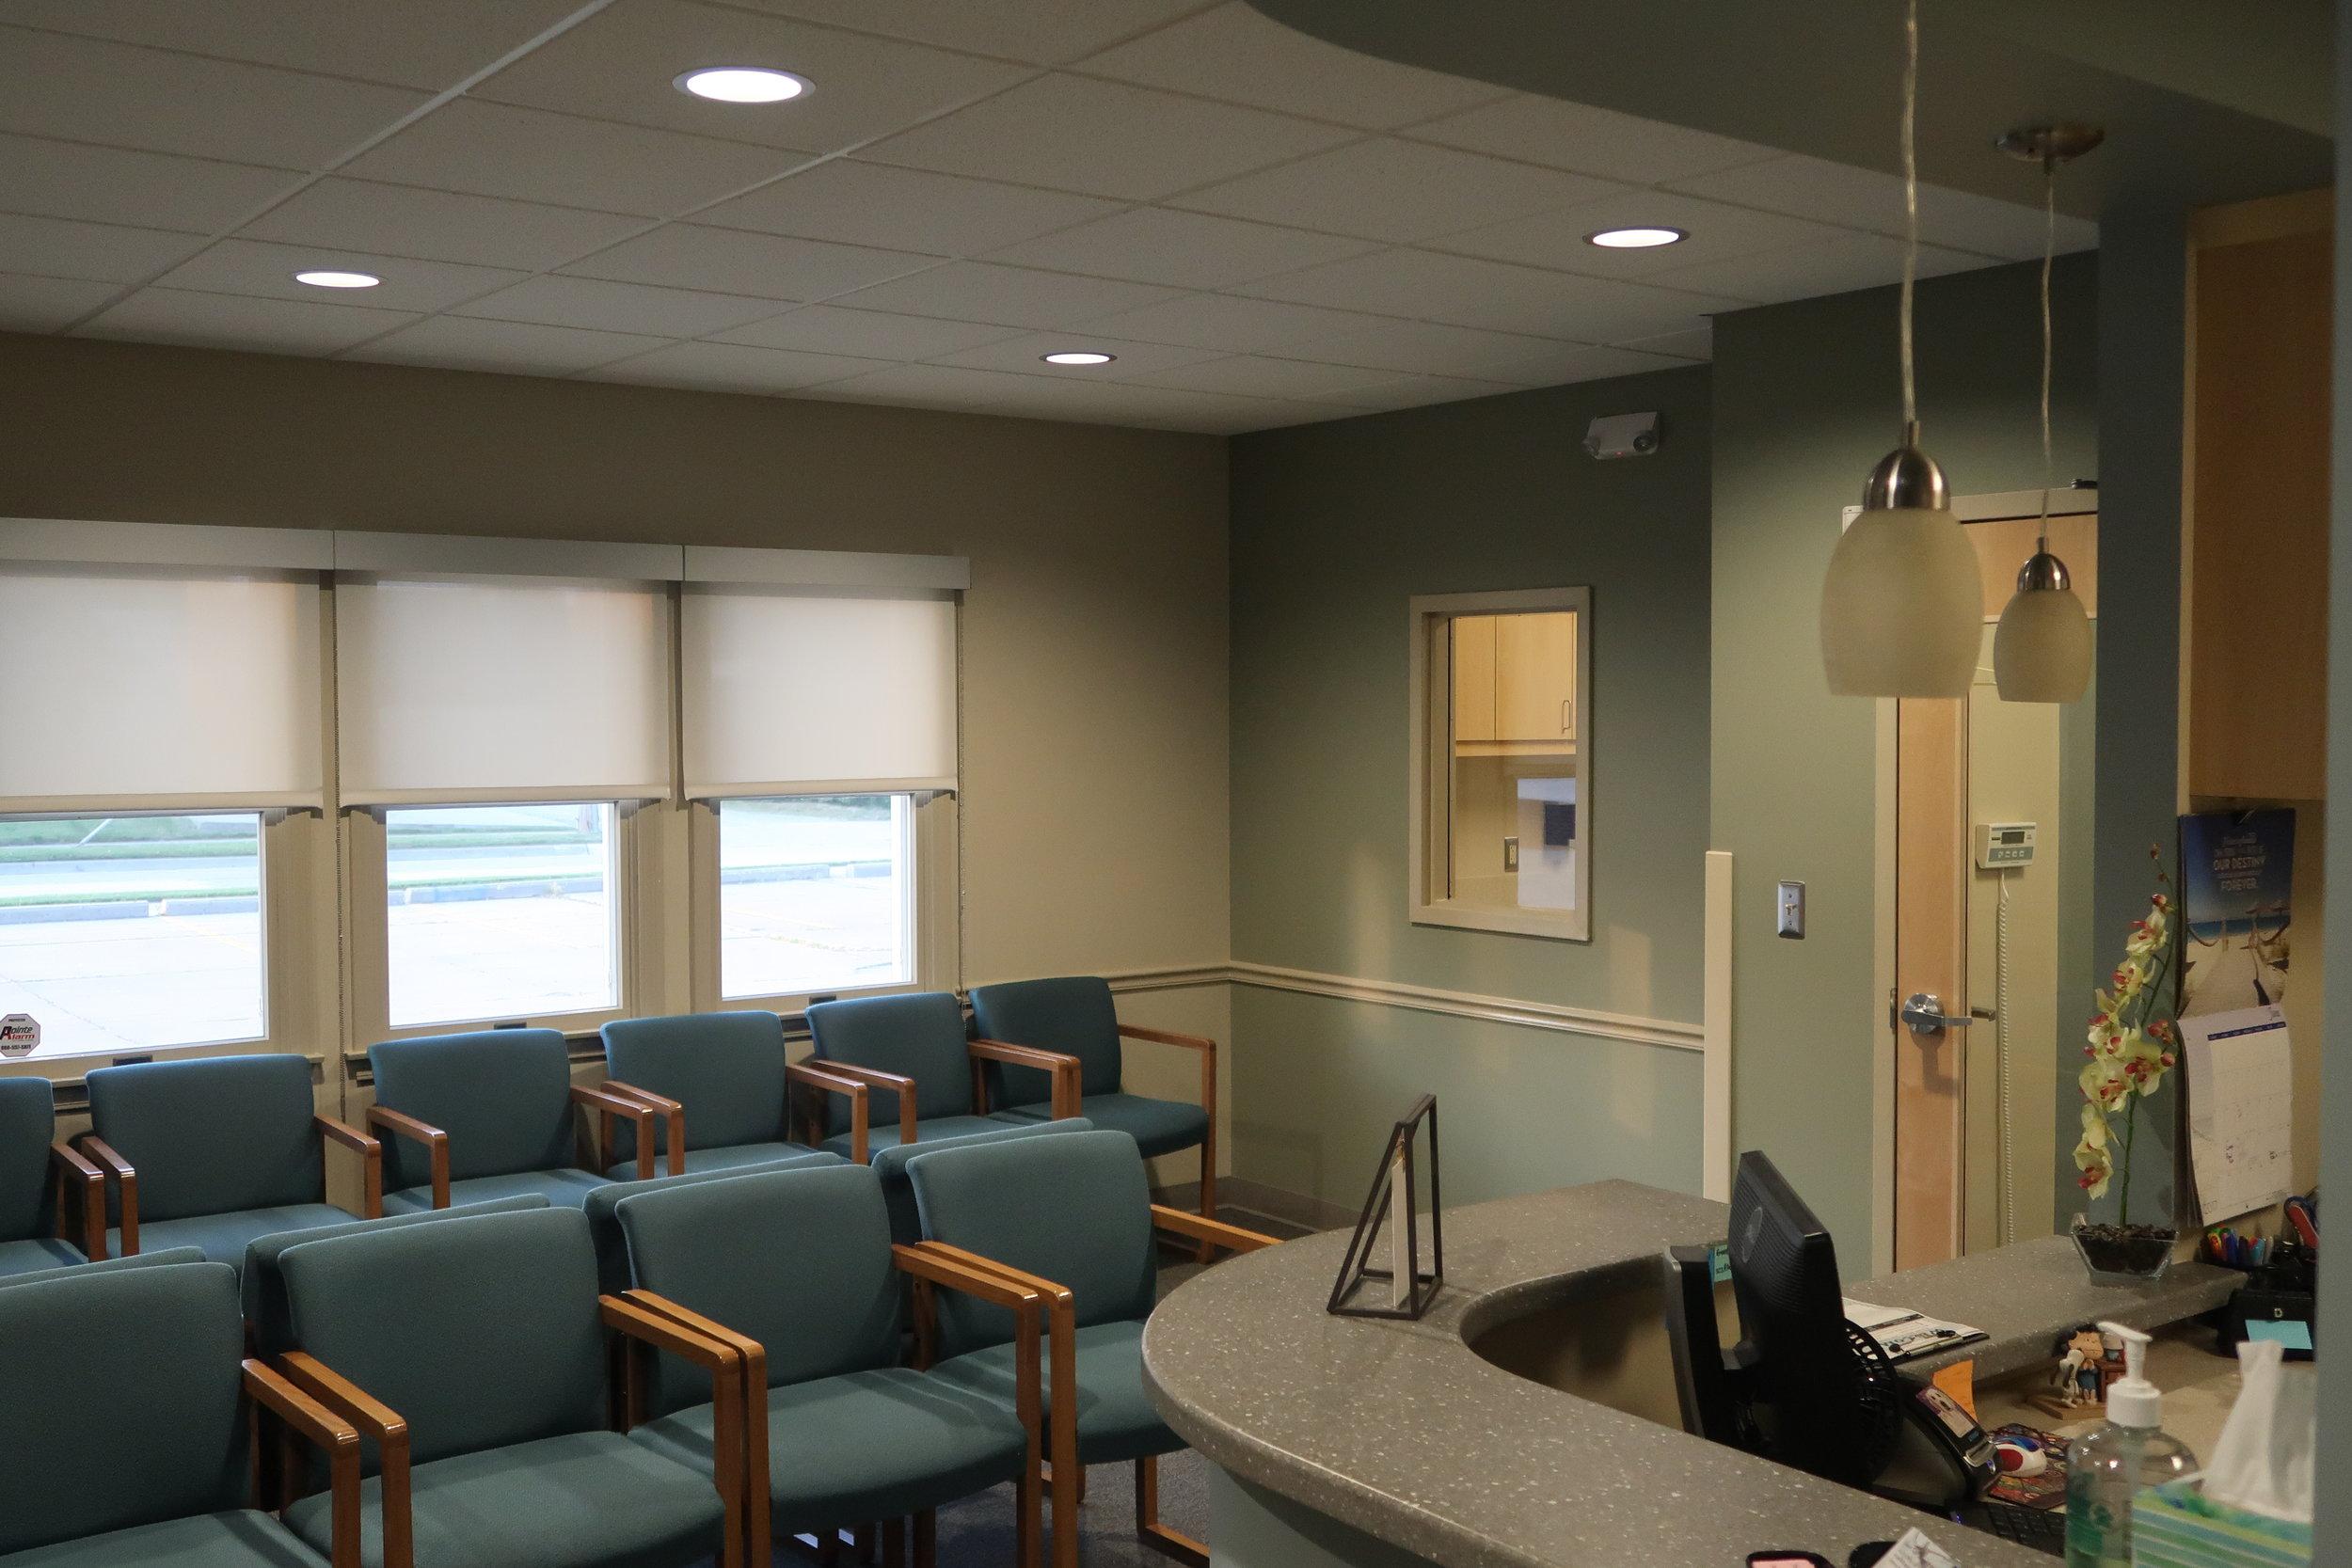 St Clair Allergy Asthma Center